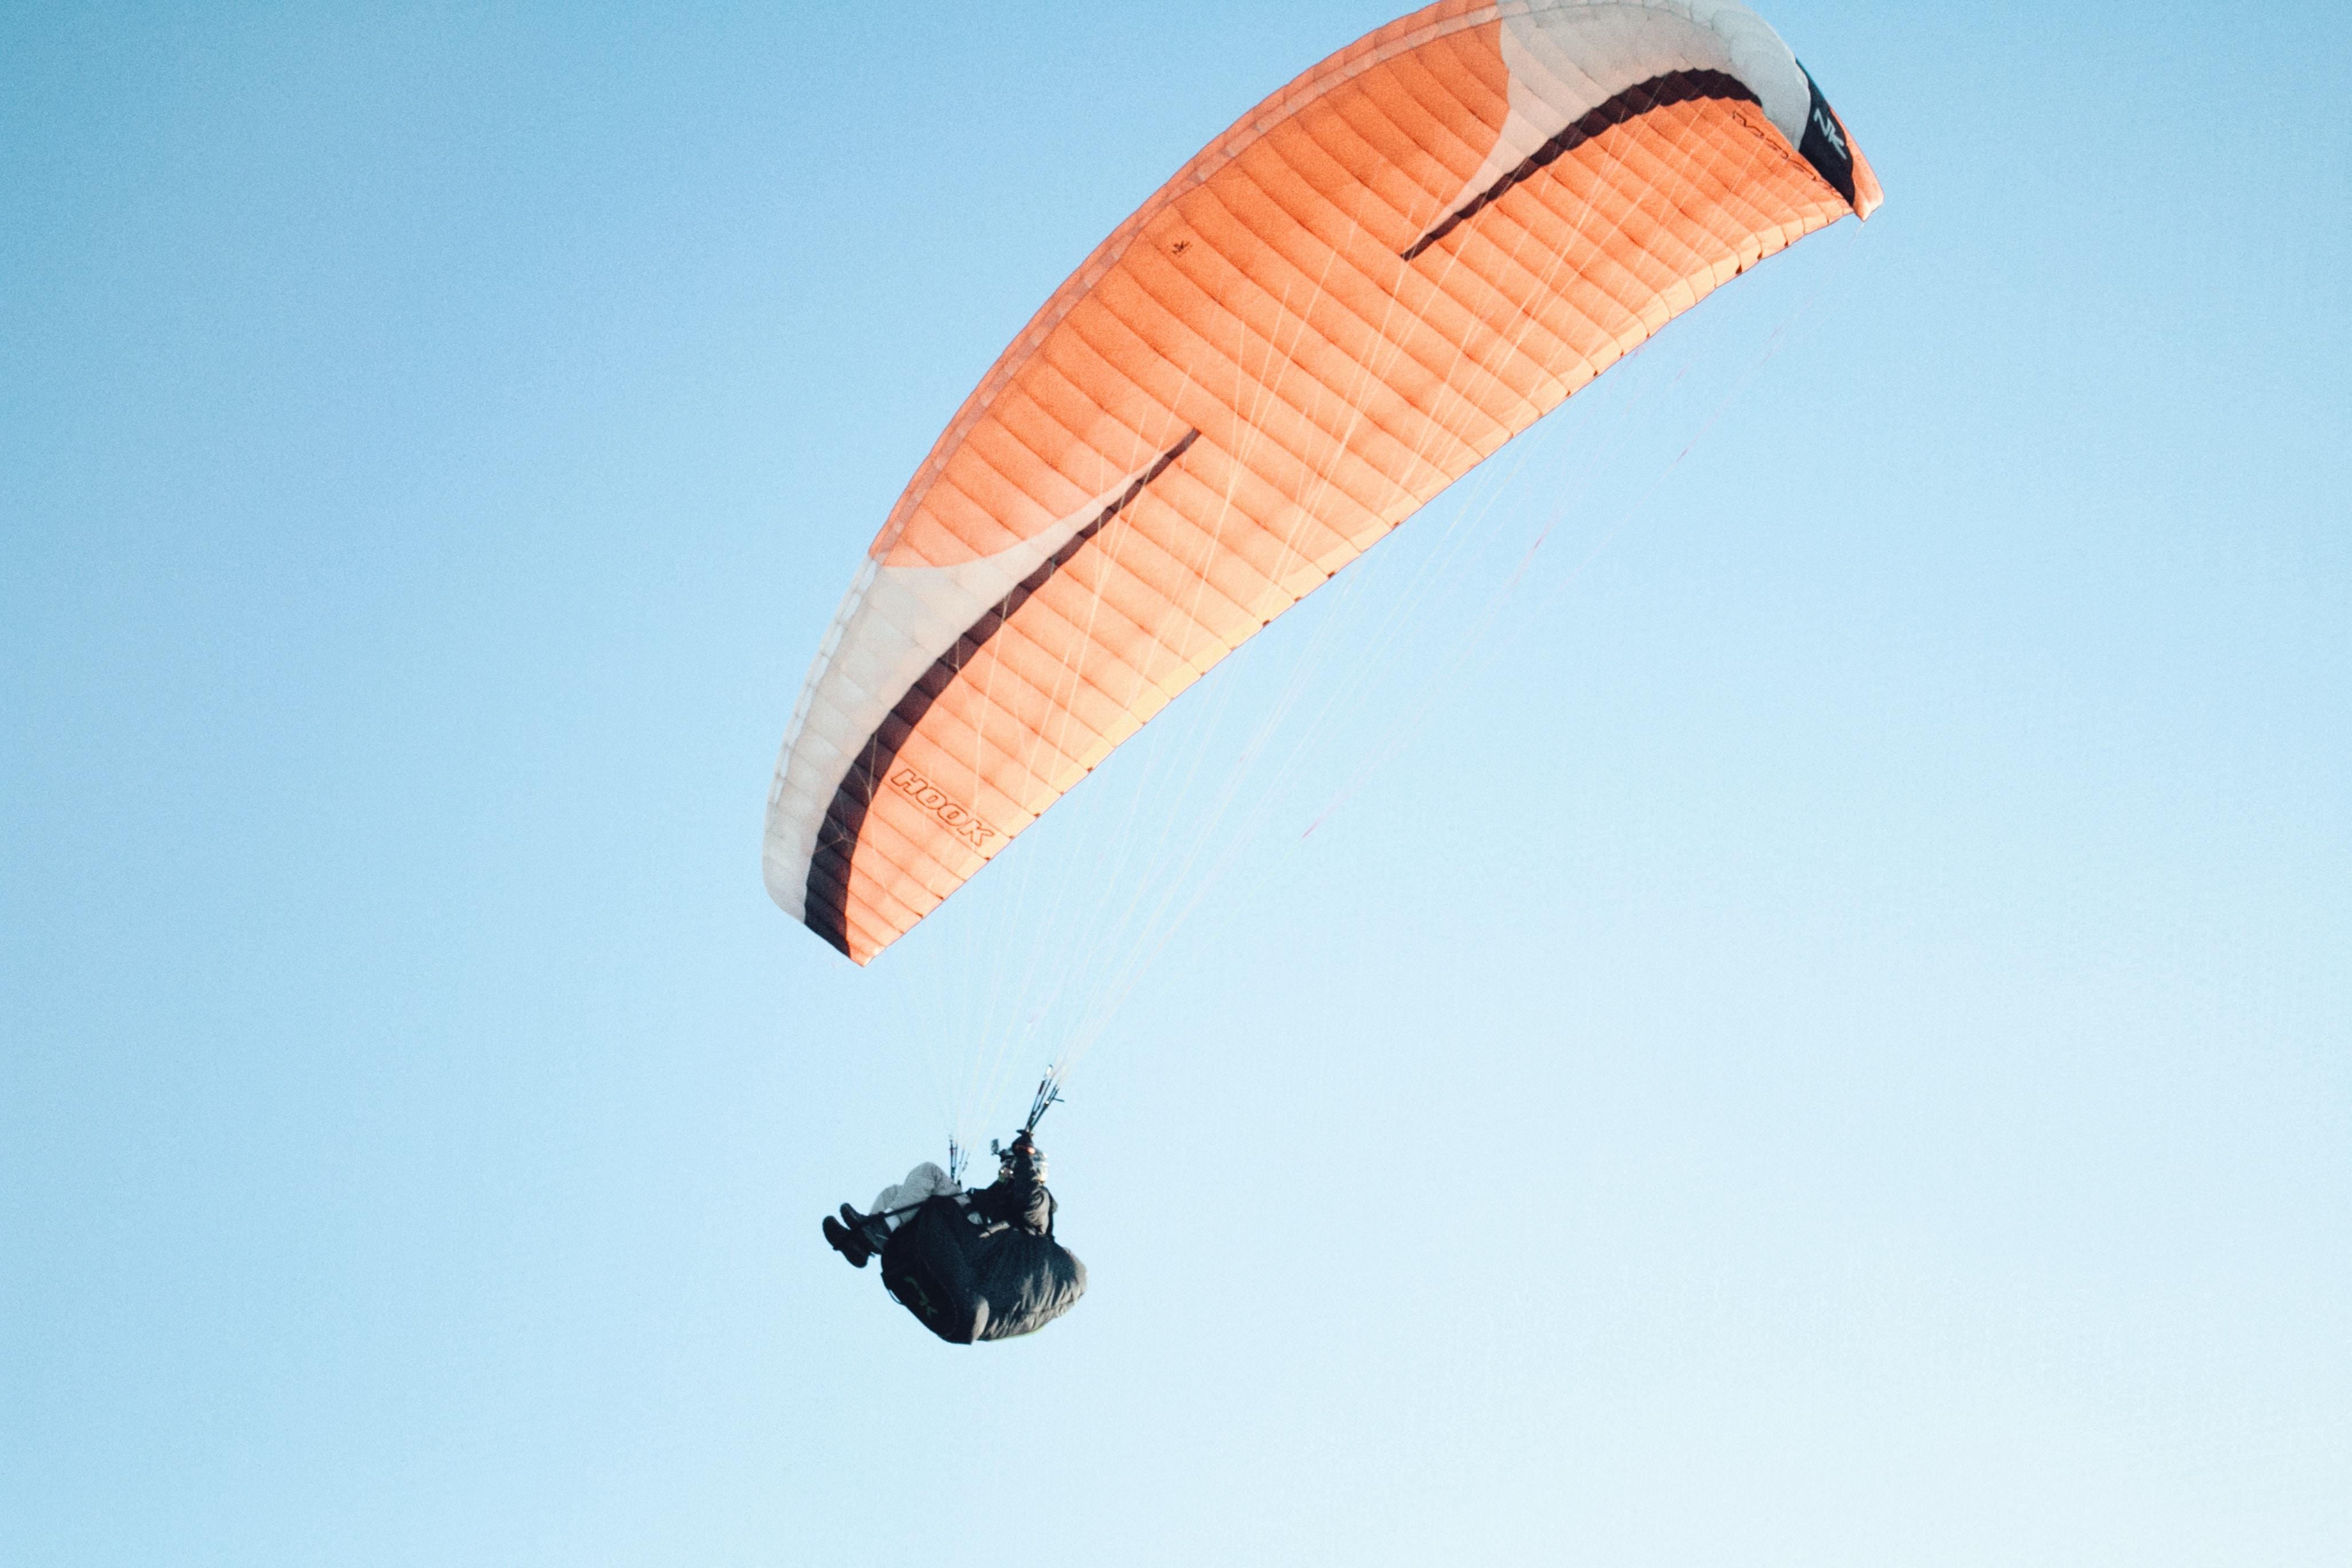 man wearing parachute in sky during daytime